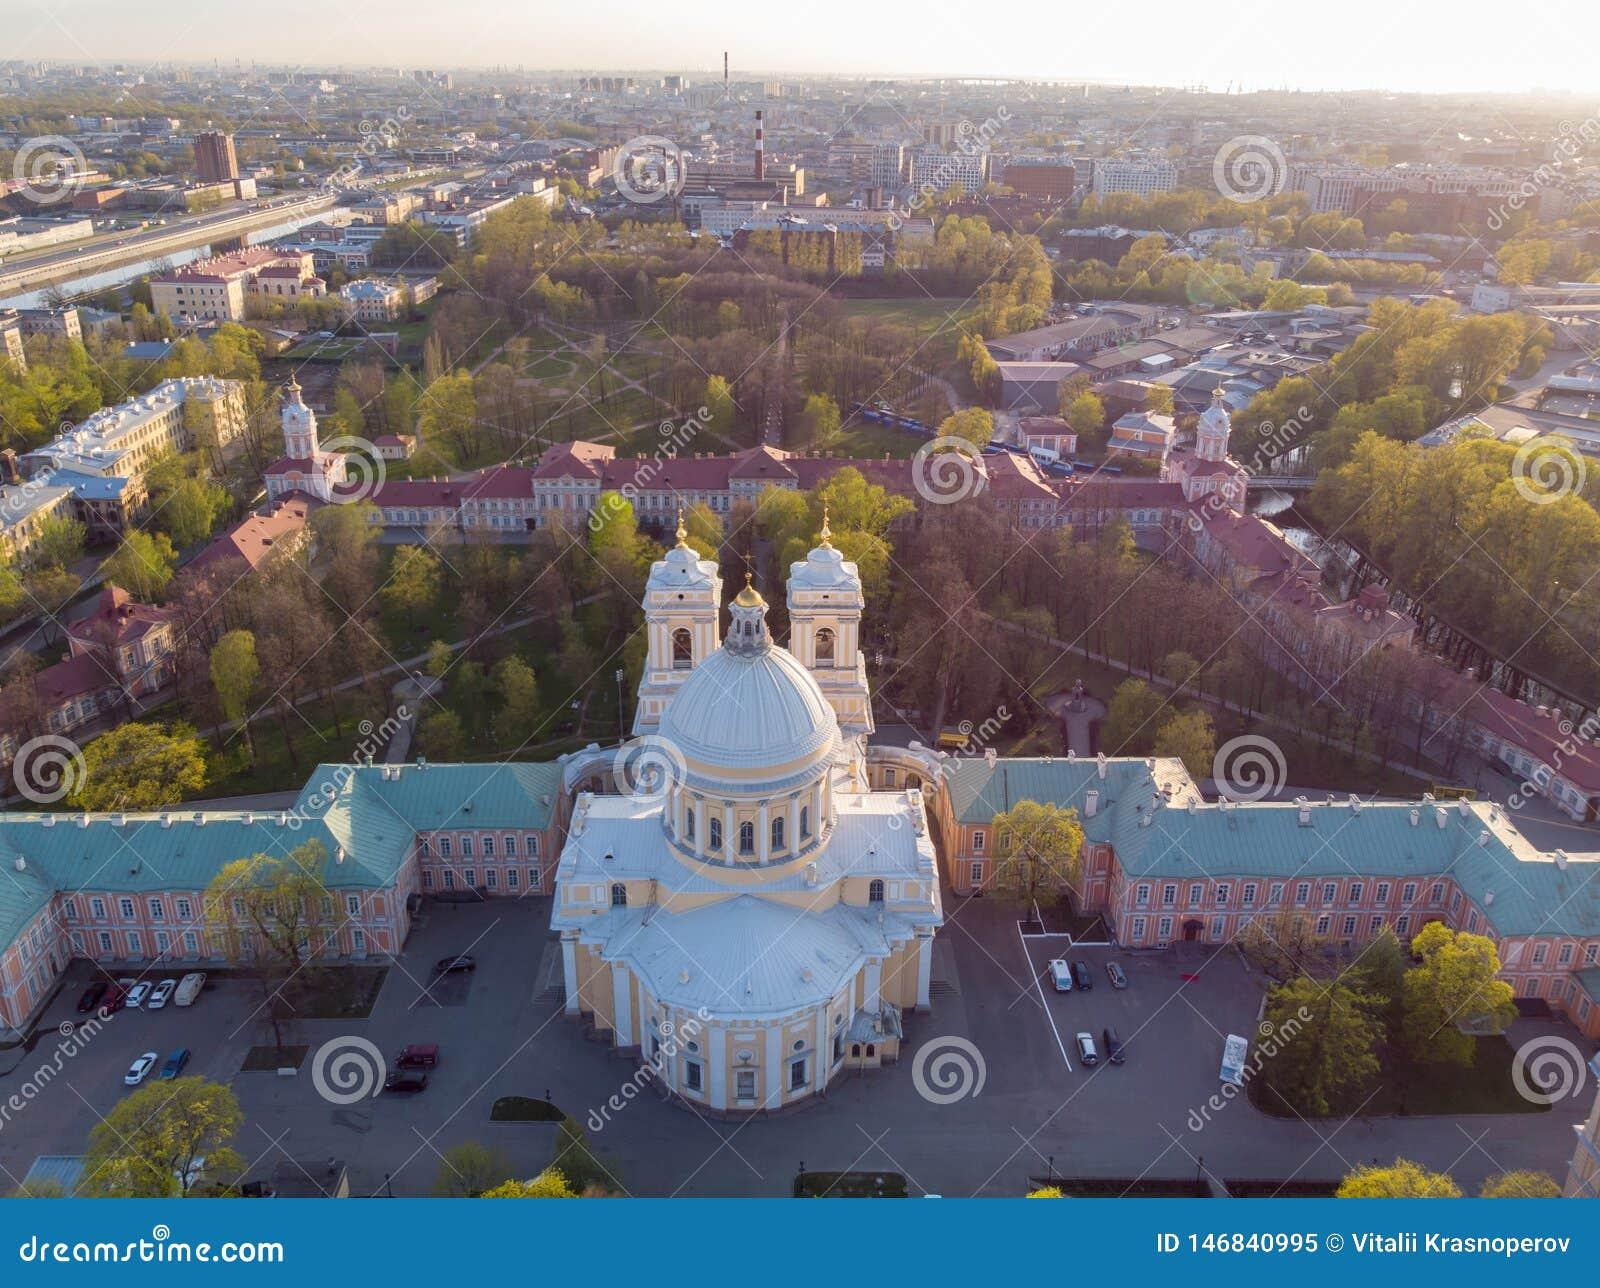 Aeralansicht zur Heiligen Dreifaltigkeit Alexander Nevsky Lavra Ein Architekturkomplex mit einem orthodoxen Kloster, eine neoklas